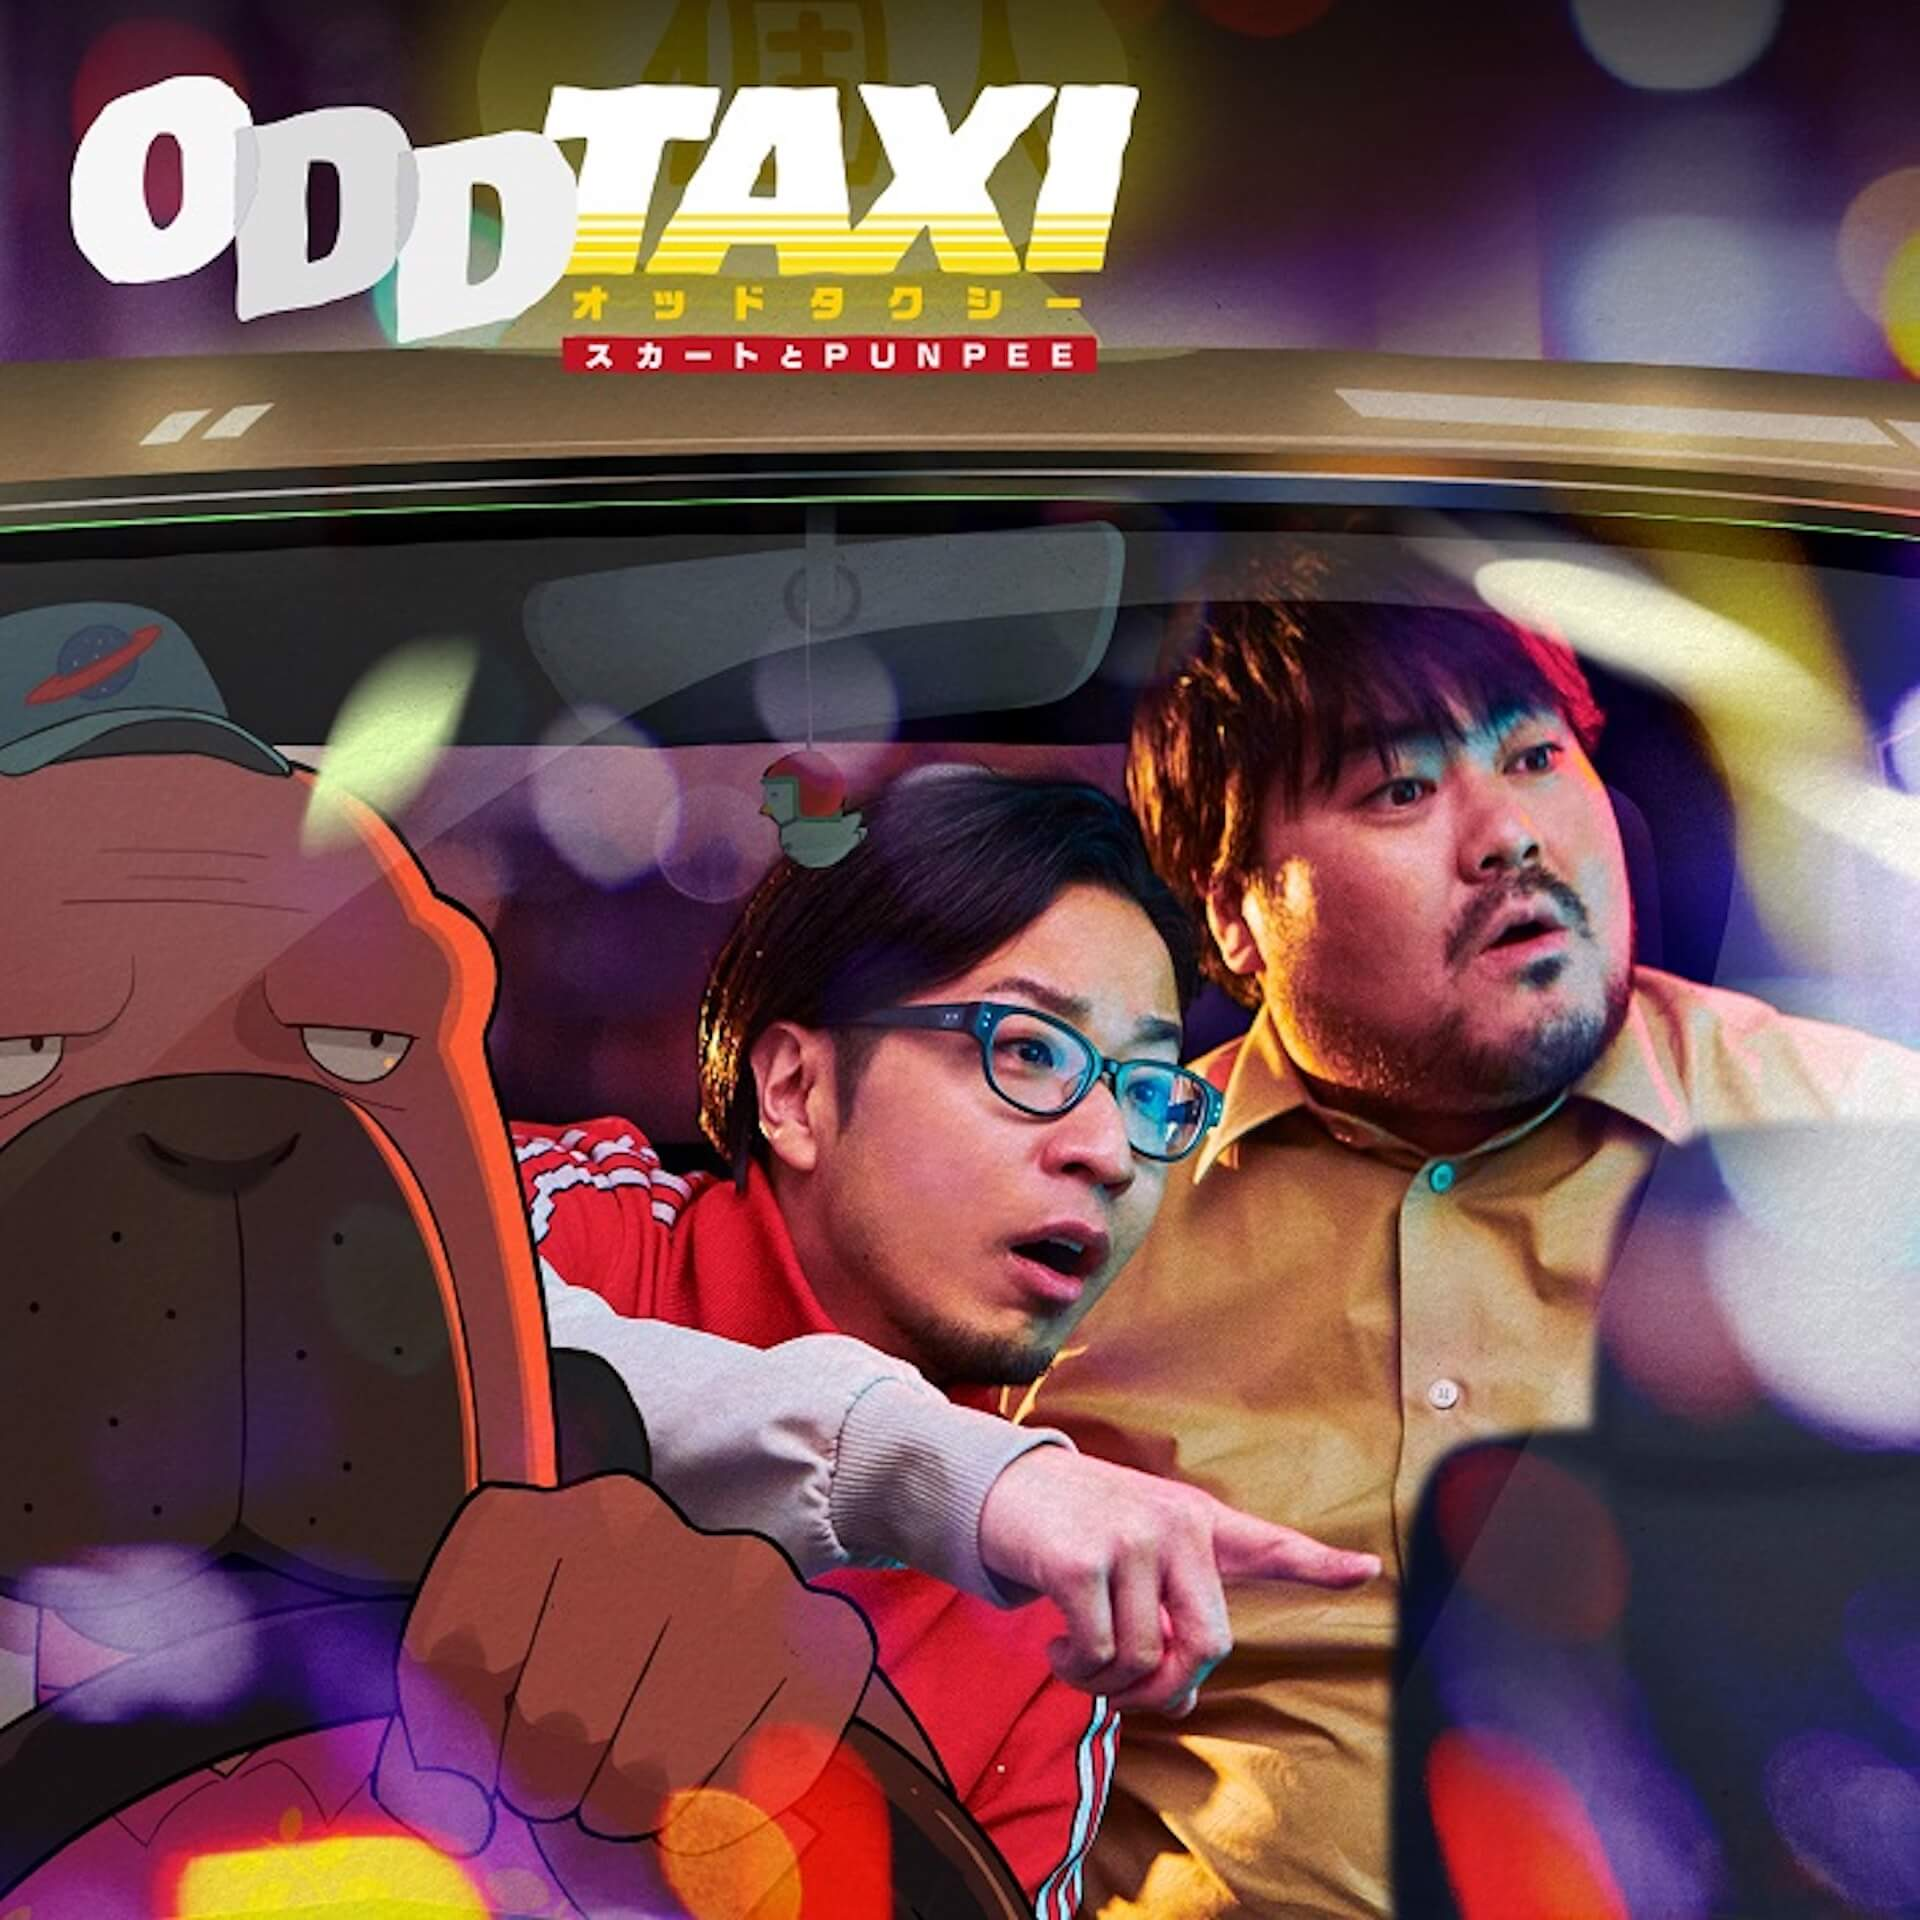 """スカートとPUNPEEによるTVアニメ『オッドタクシー』主題歌""""ODDTAXI""""が本日放送『アフター6ジャンクション』で初オンエア決定! music210405_oddtaxi_1"""